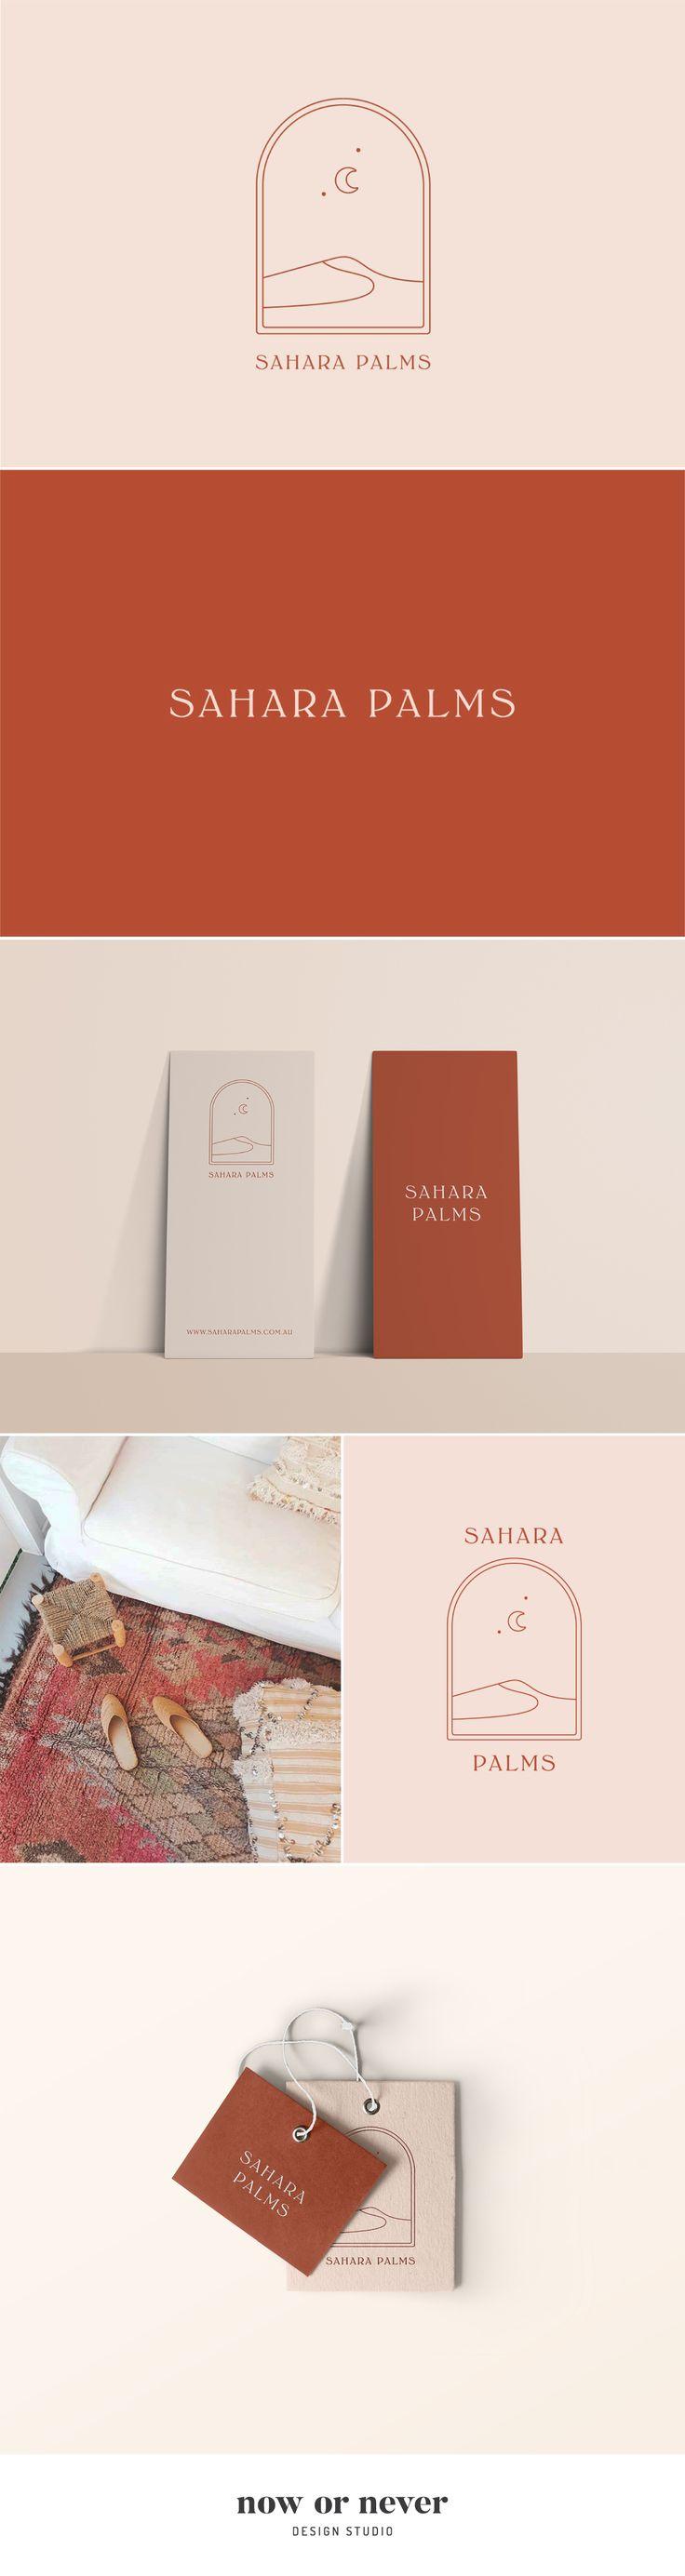 Sahara Palms logo designed by Now or Never Design